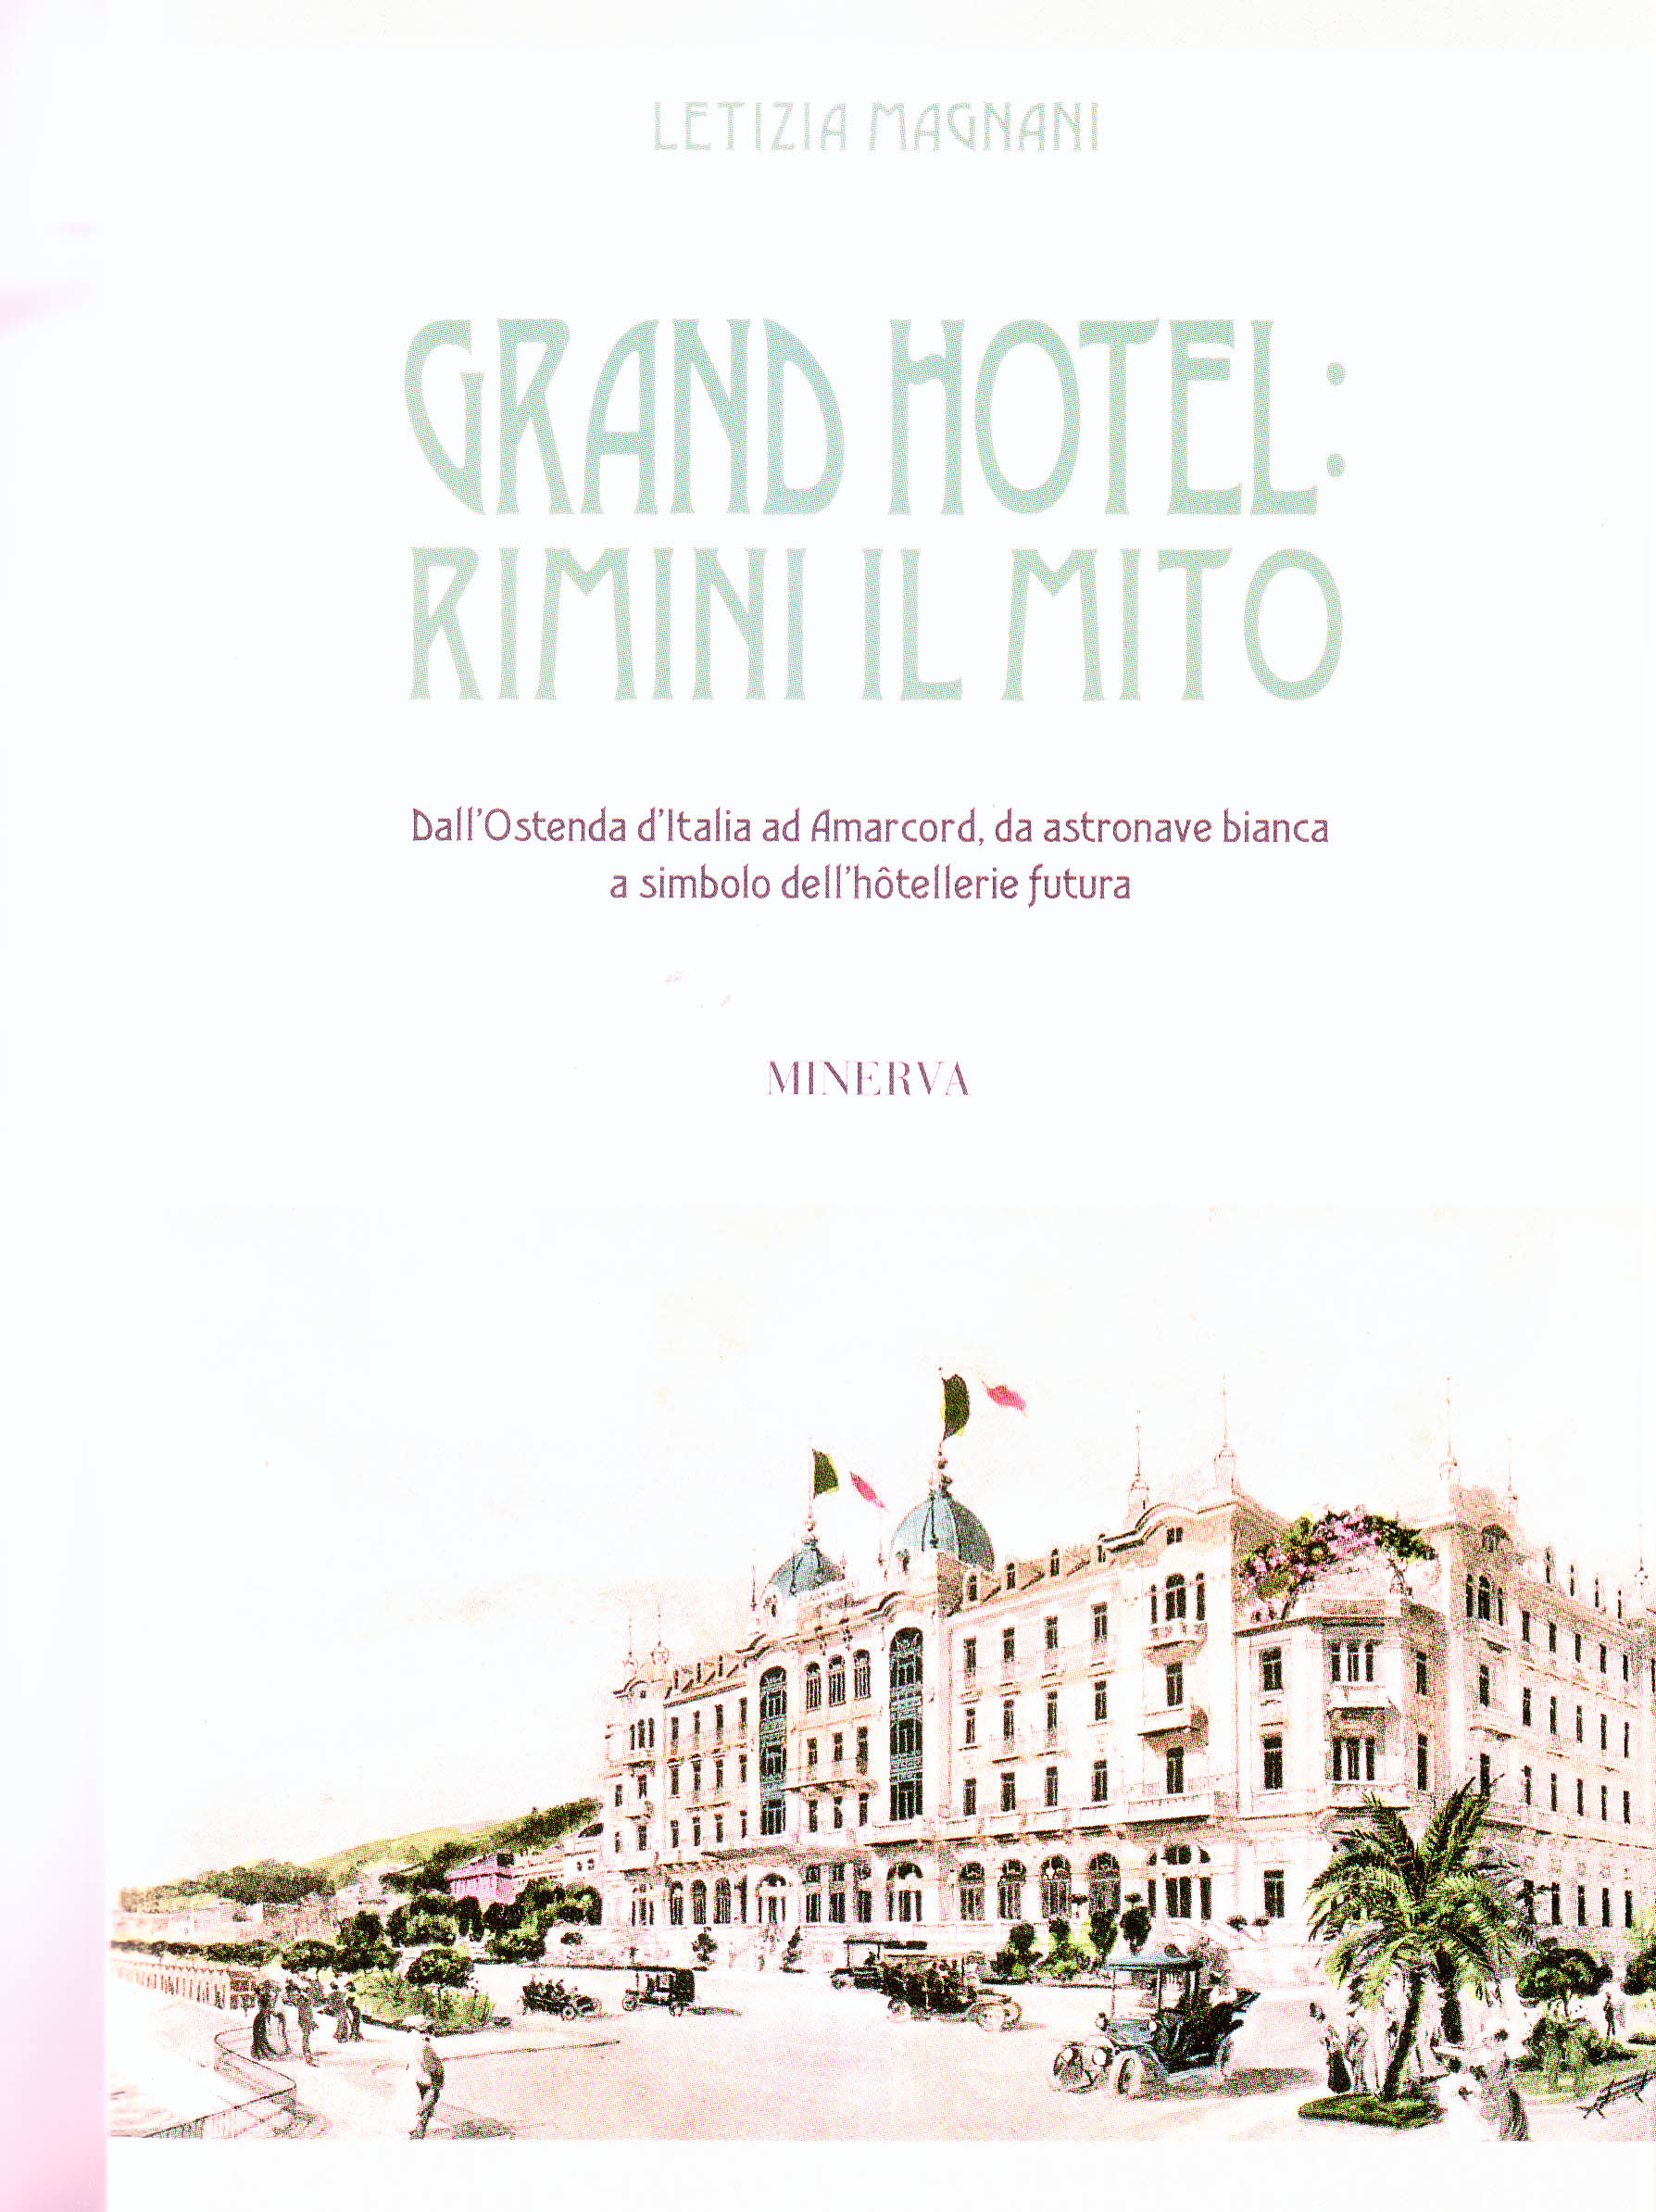 Grand Hotel di Rimini, un mito che va oltre il racconto ...